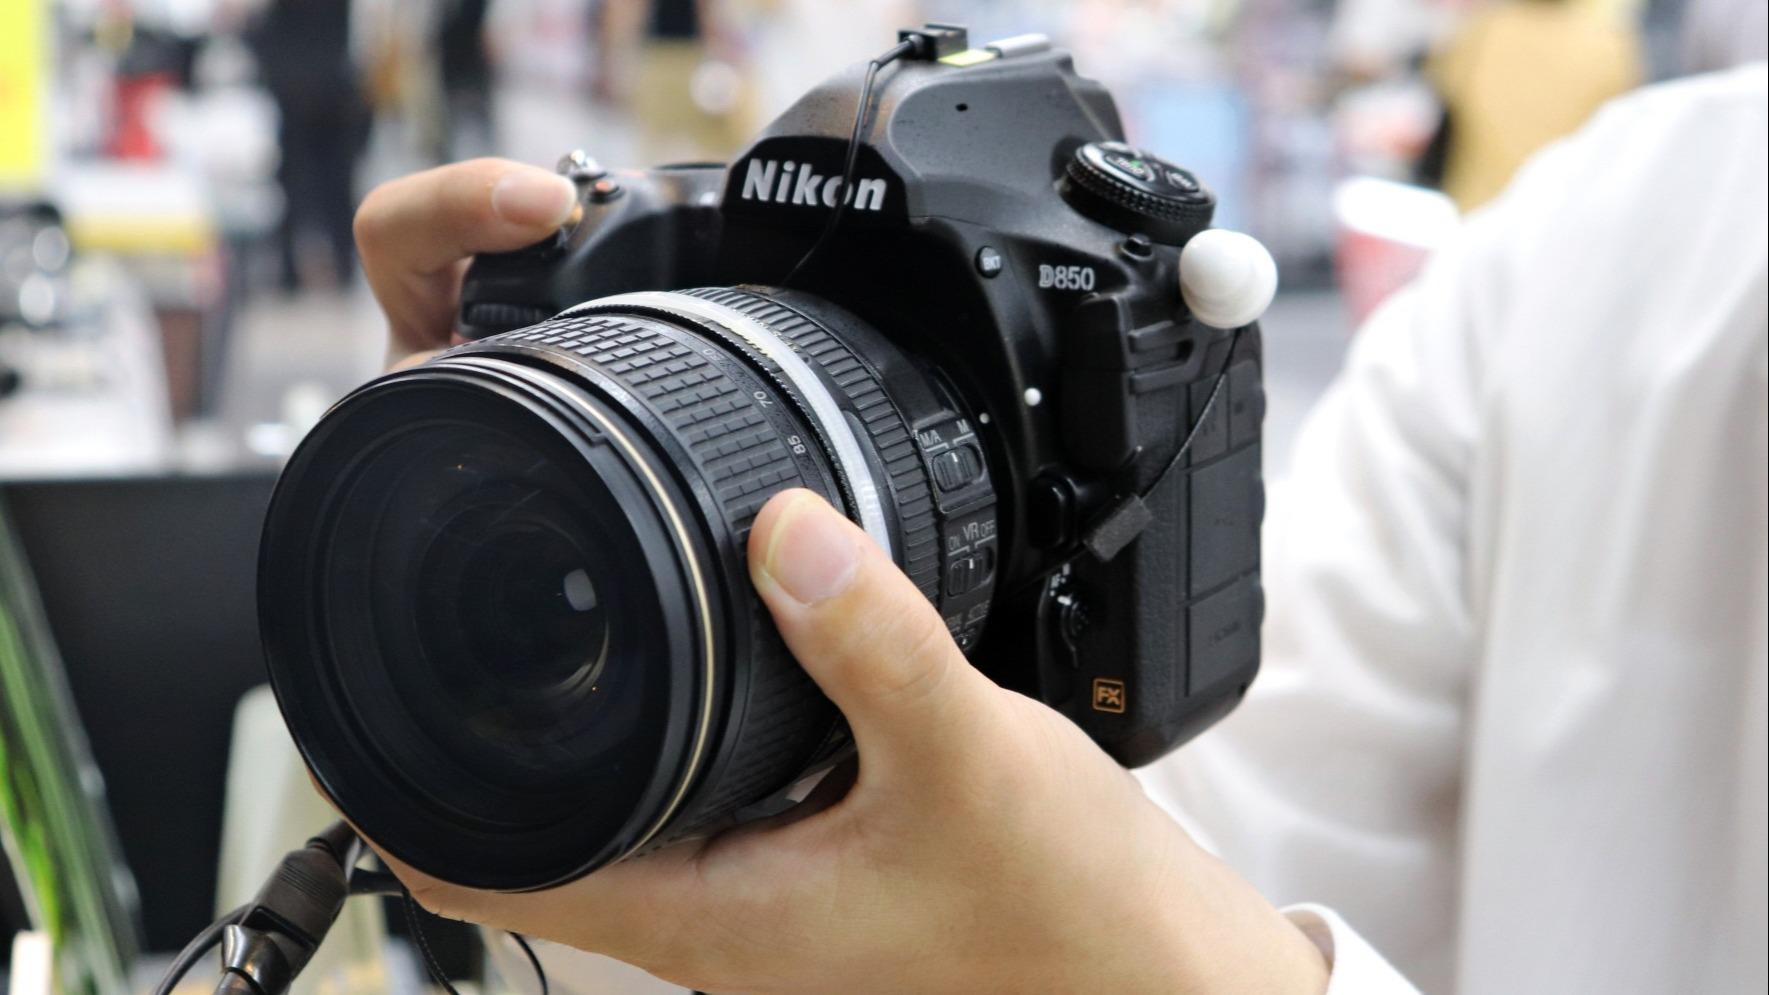 تغییر استراتژی نیکون: آیا کاربران جوان به فیلم برداری علاقه دارند؟